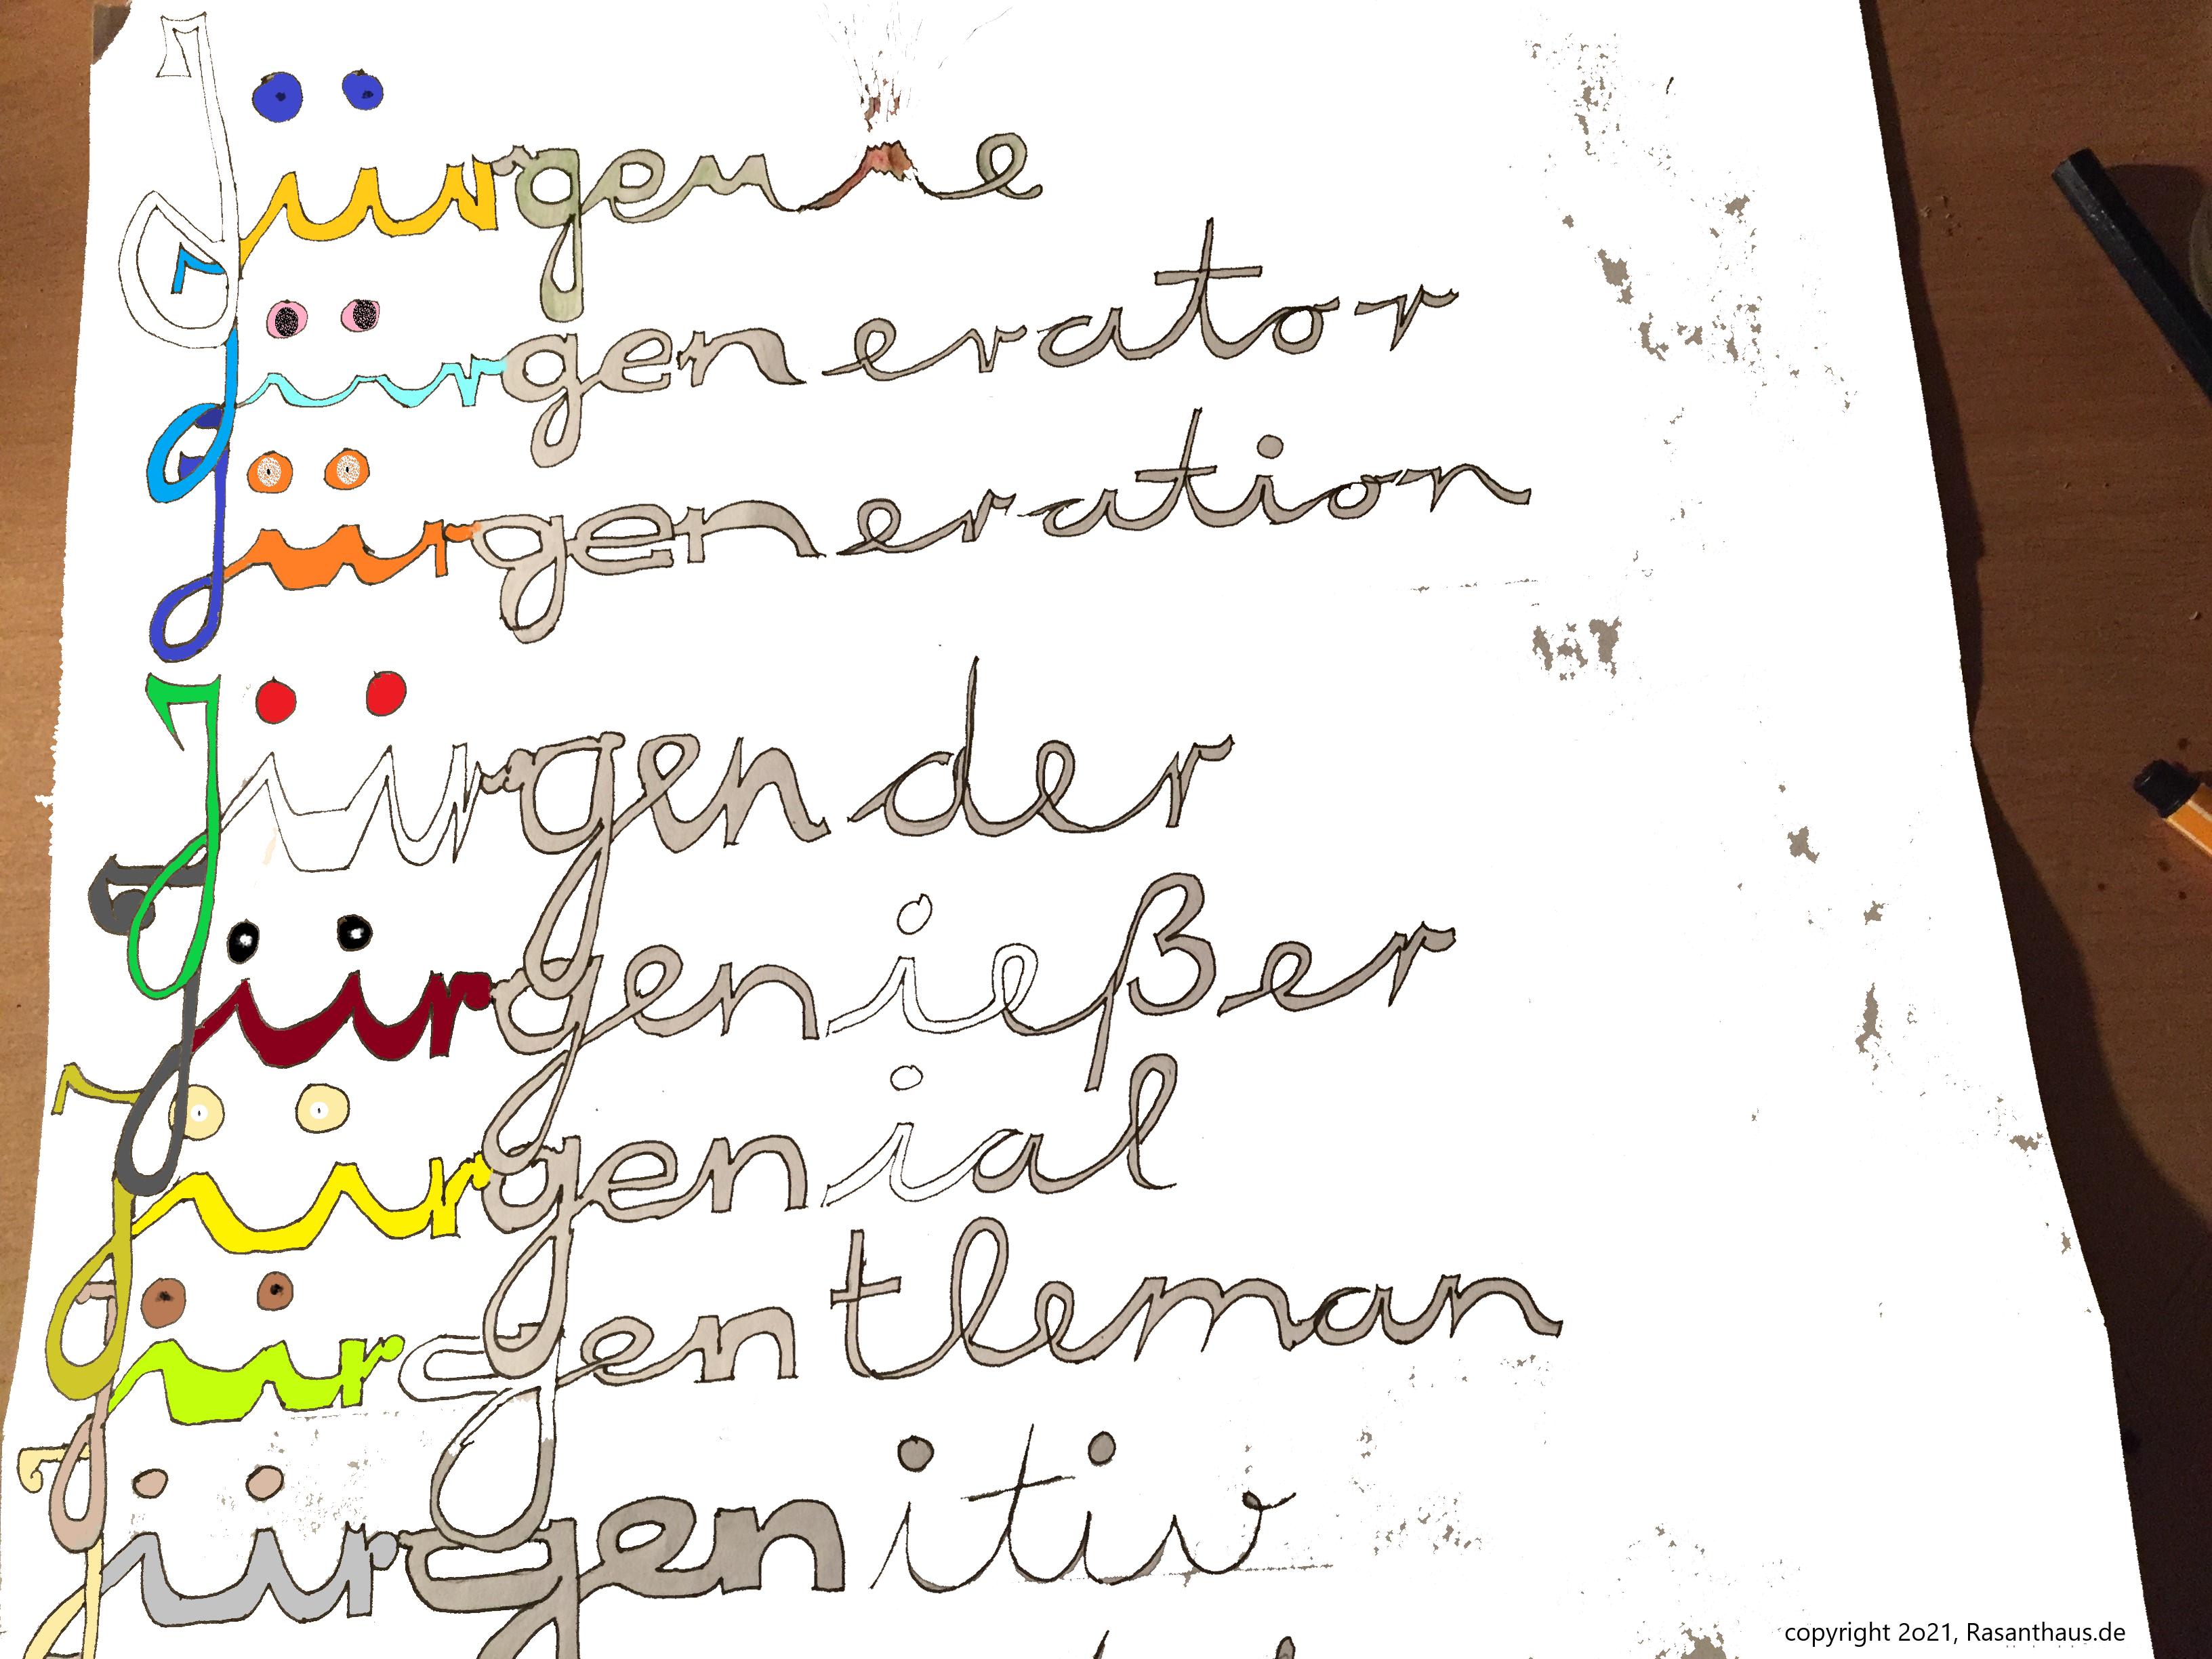 Begriffshochzeit des Vornamen Jürgen mit Gentleman als Jürgentleman in künstlerischer Farbdarstellung